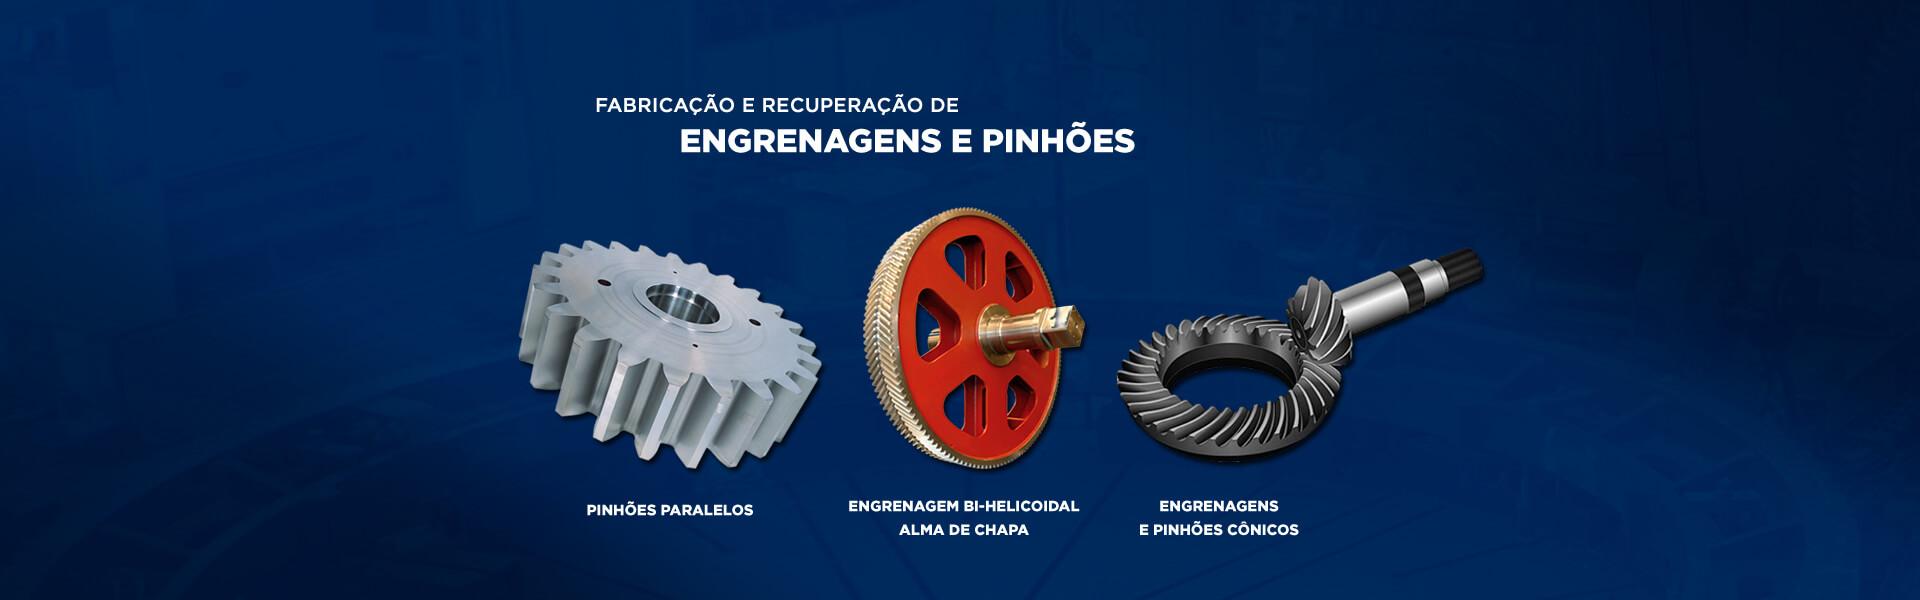 Engrenagens e Pinhões